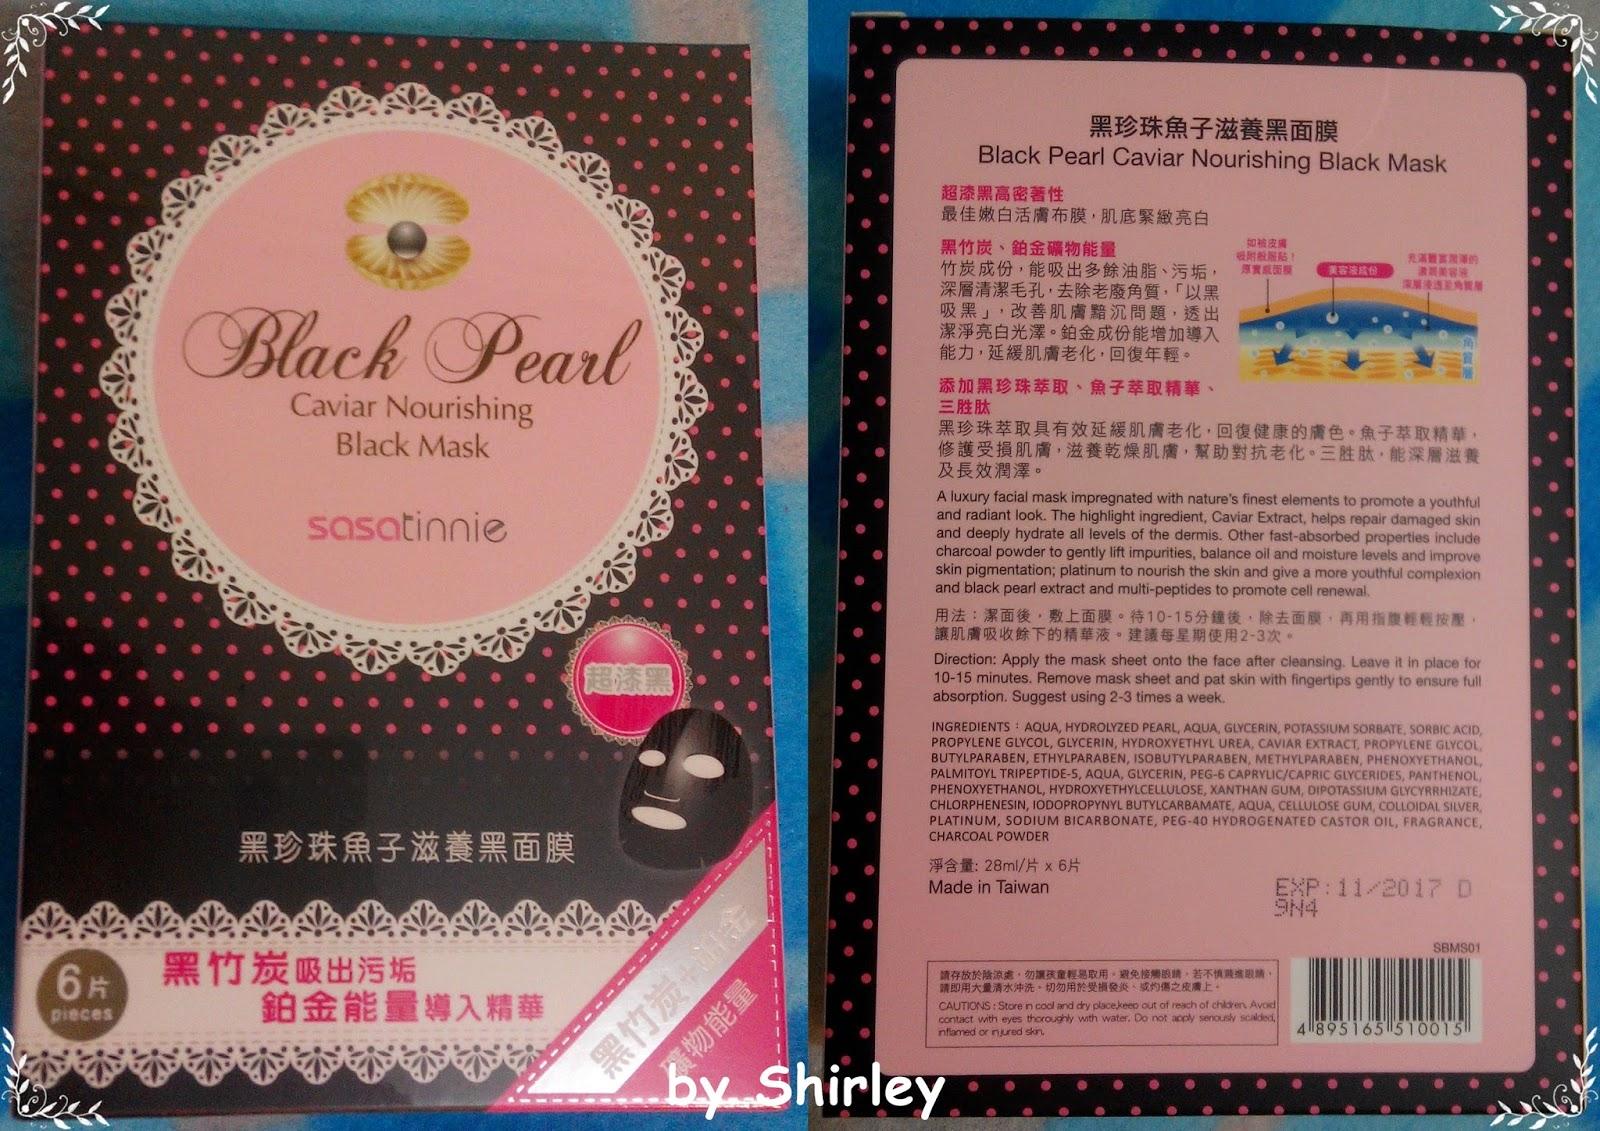 黑珍珠鱼子滋养黑面膜的使用步骤